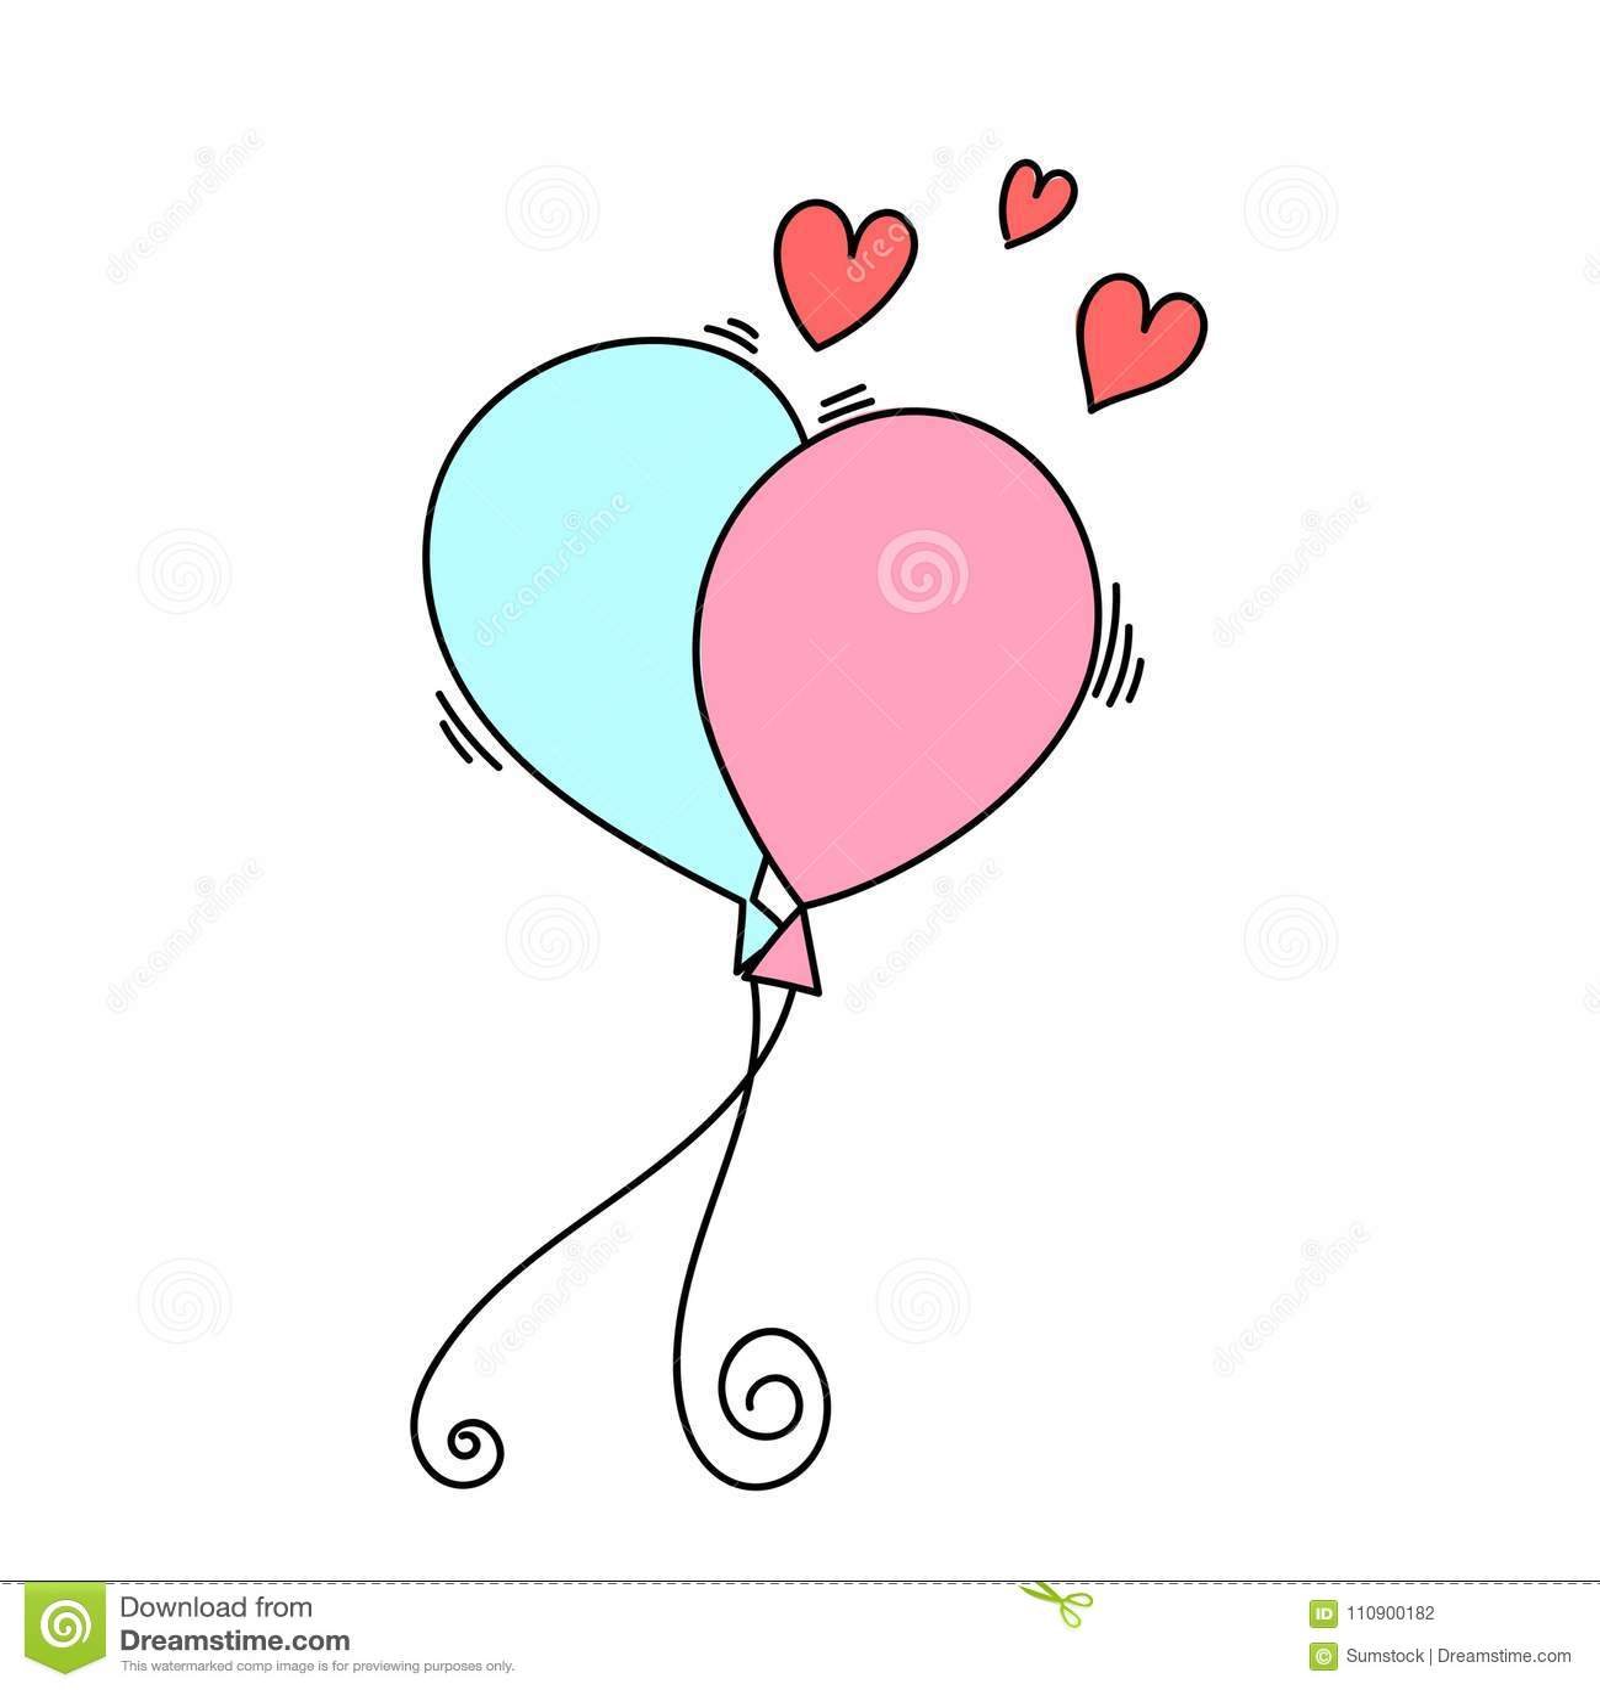 Desenho De Dois Balões Com Formas Do Coração Ilustração Do